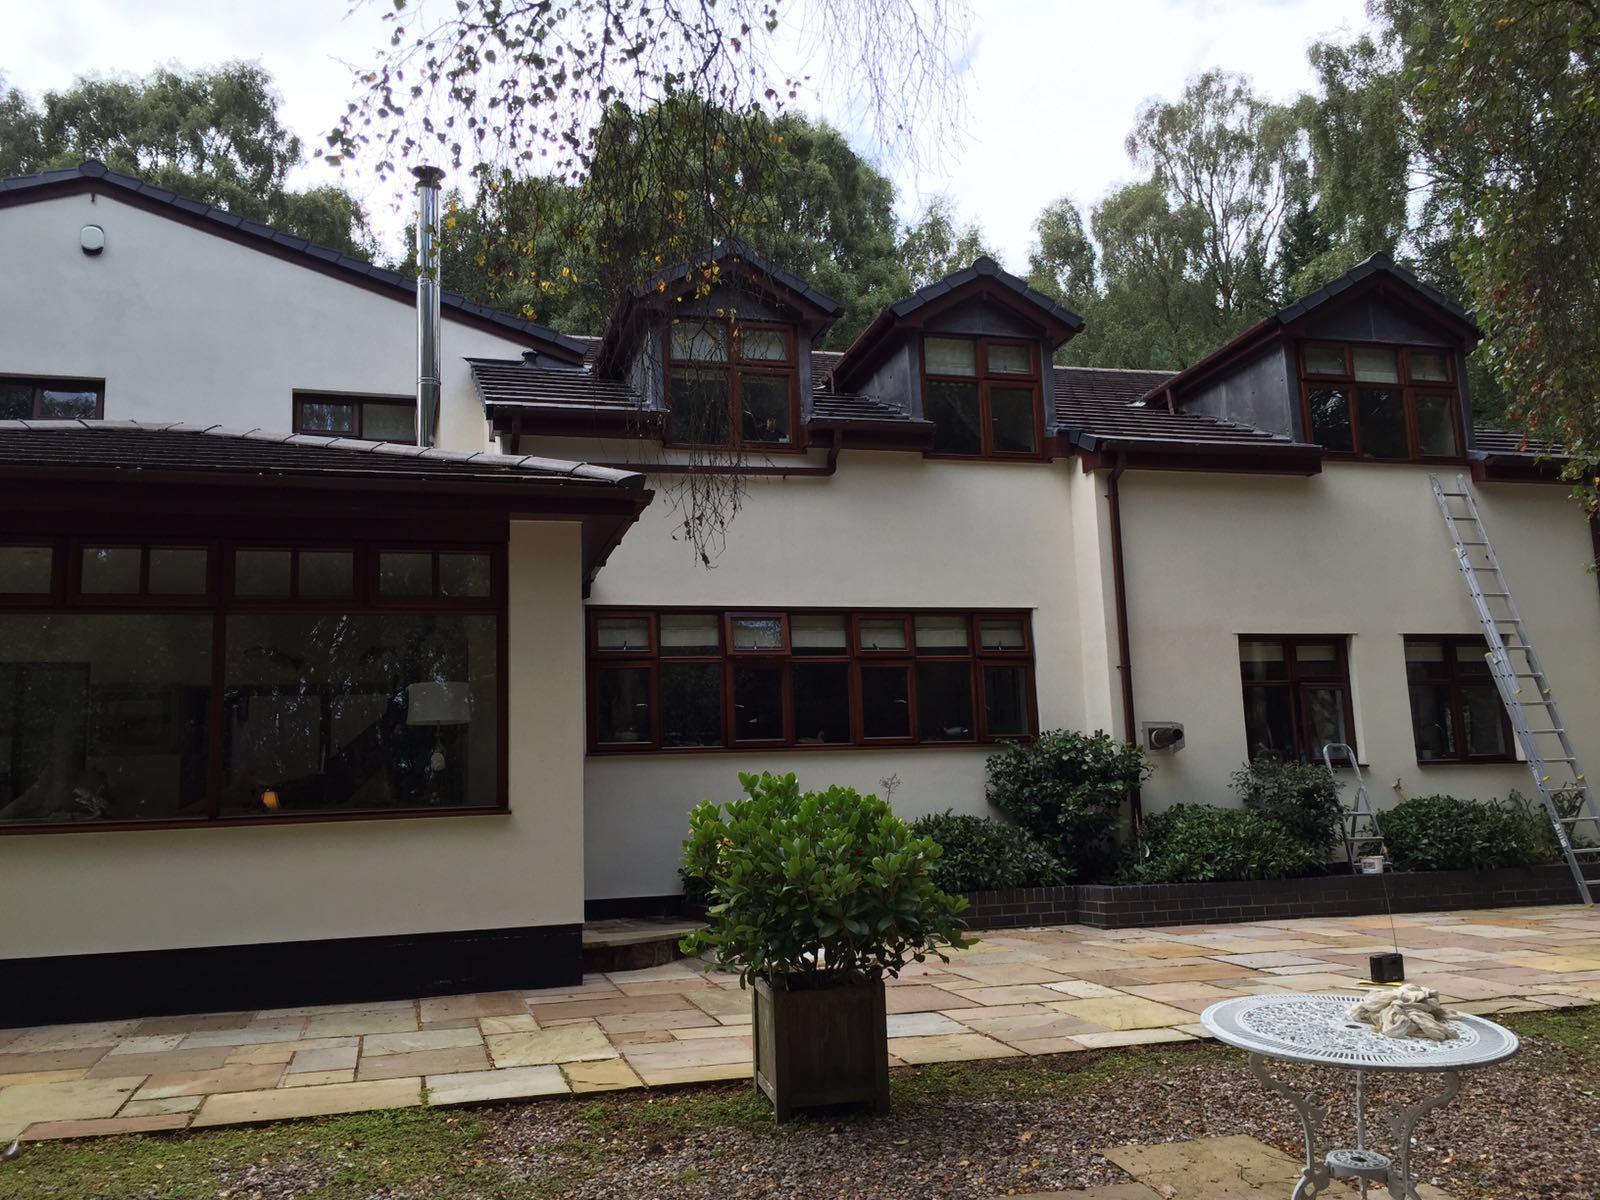 LPW Painters and Decorators Wrexham